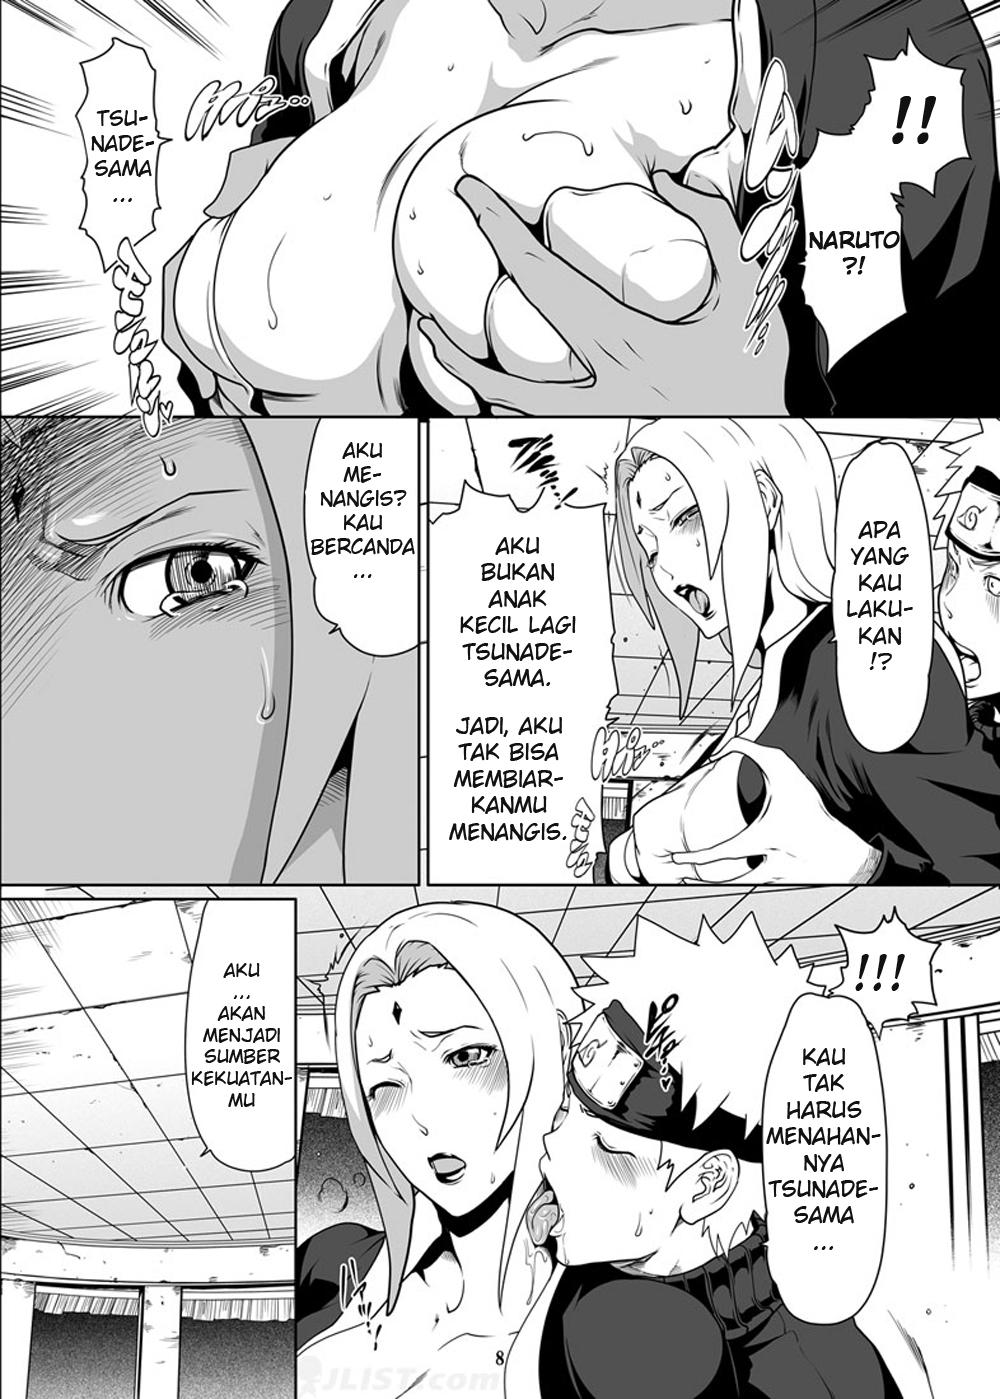 Тсунаде и наруто игра порно 7 фотография